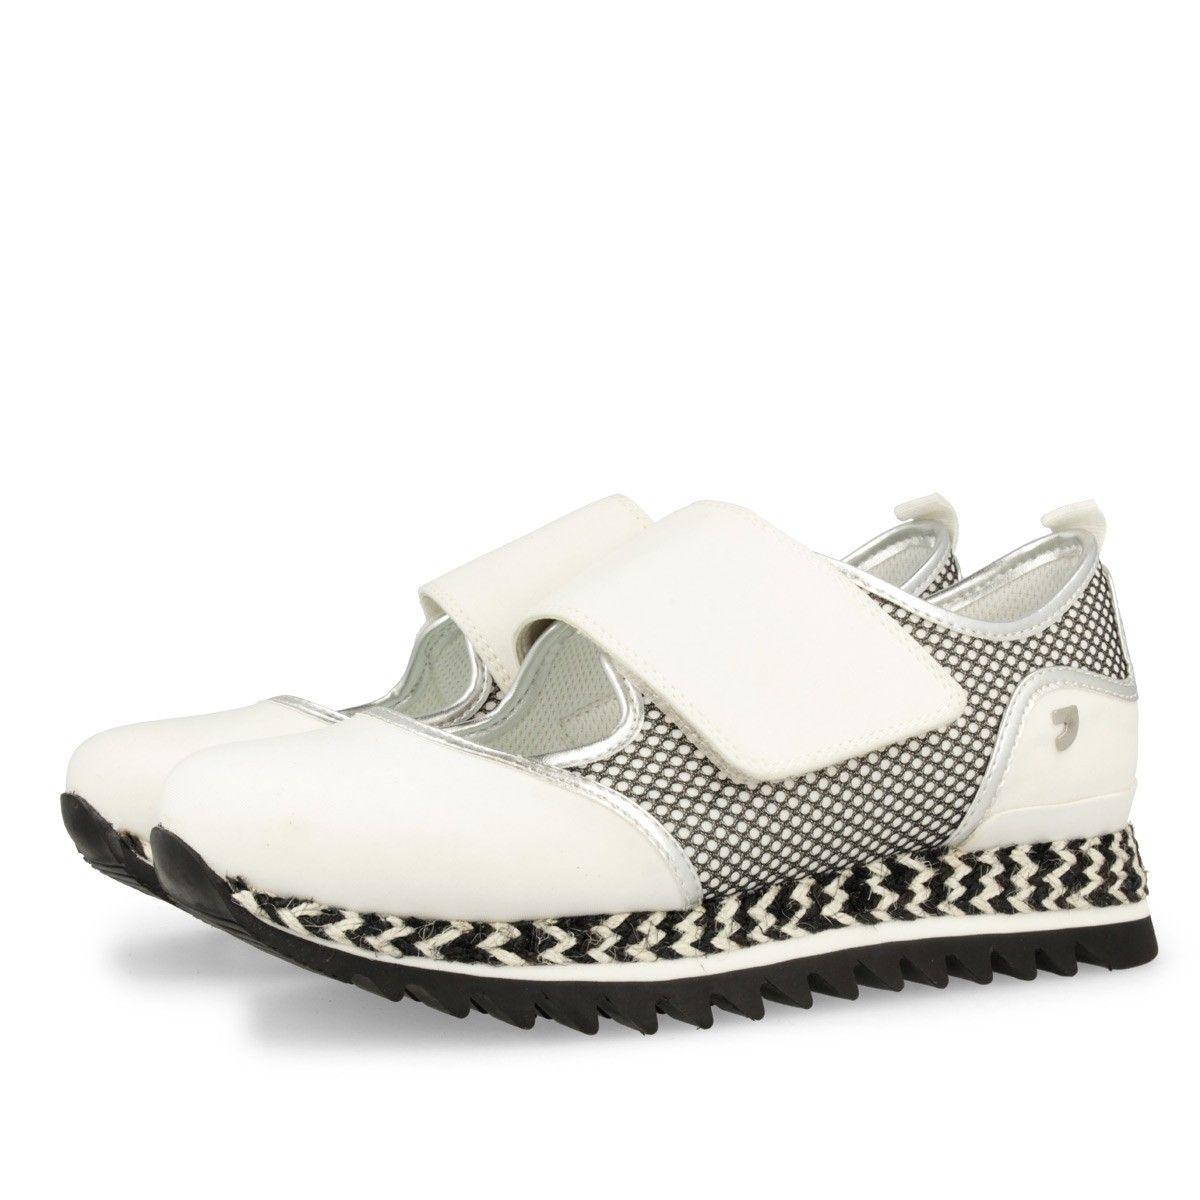 Sneakers de mujer en blanco VENOM | Kick-Ass Footwear | Pinterest ...